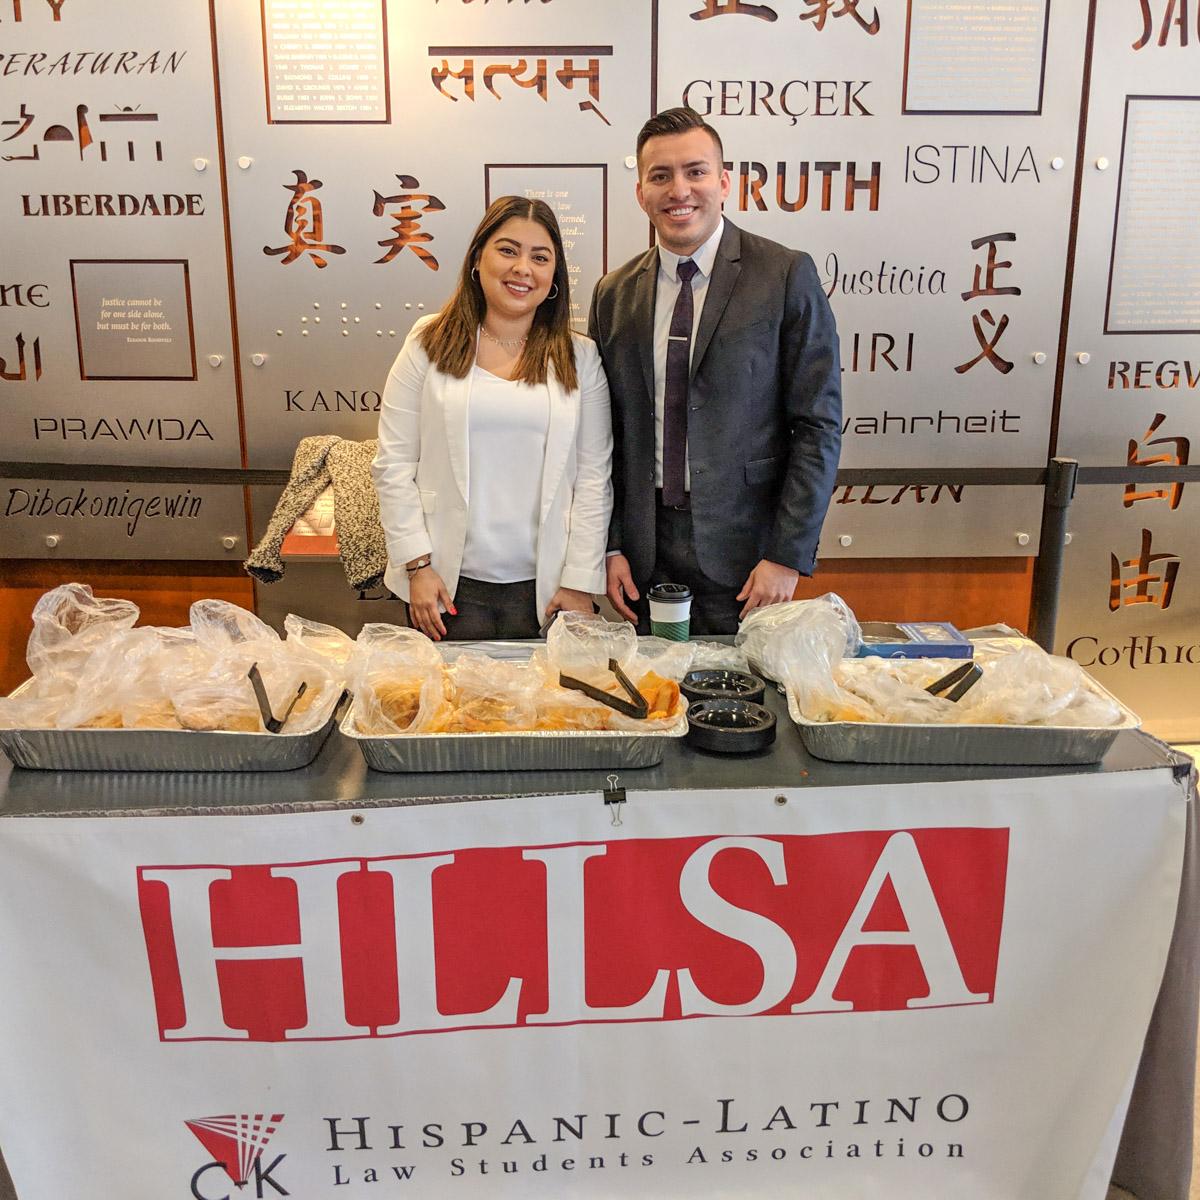 HLLSA Food Fair Table